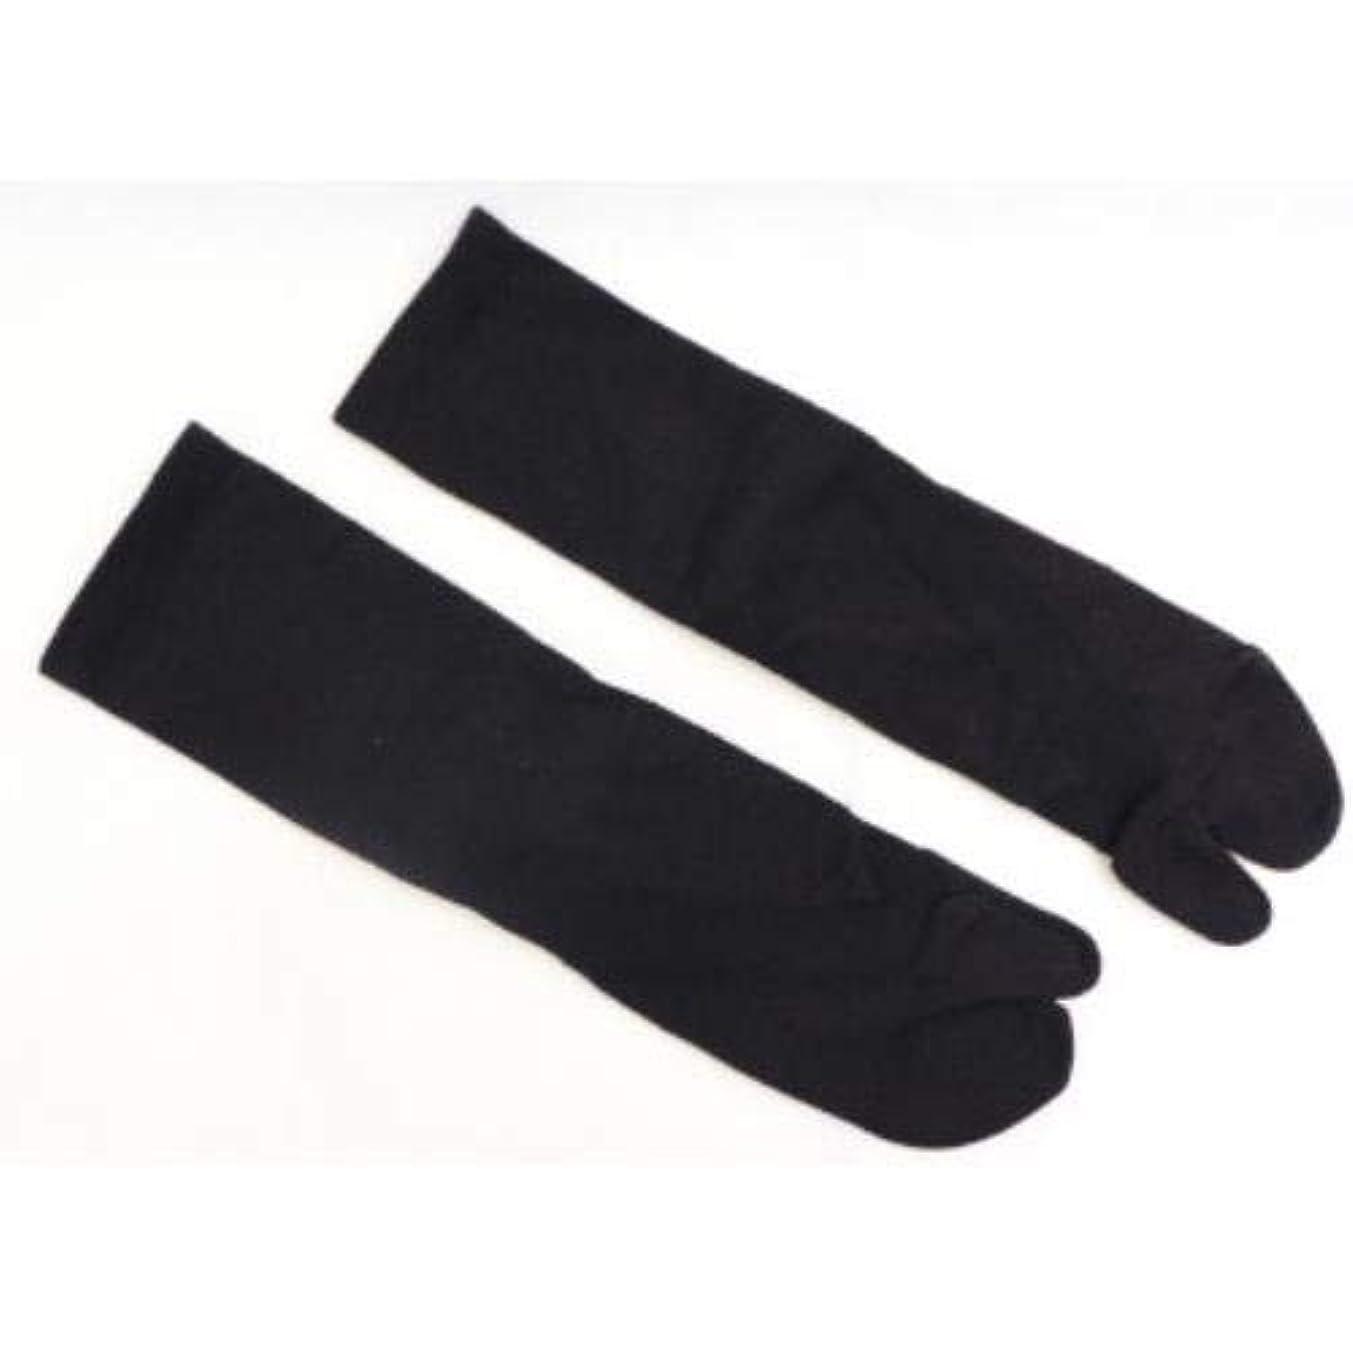 職業思いやりのある勇気さとう式 フレクサーソックス クルー 黒 (M) 足袋型